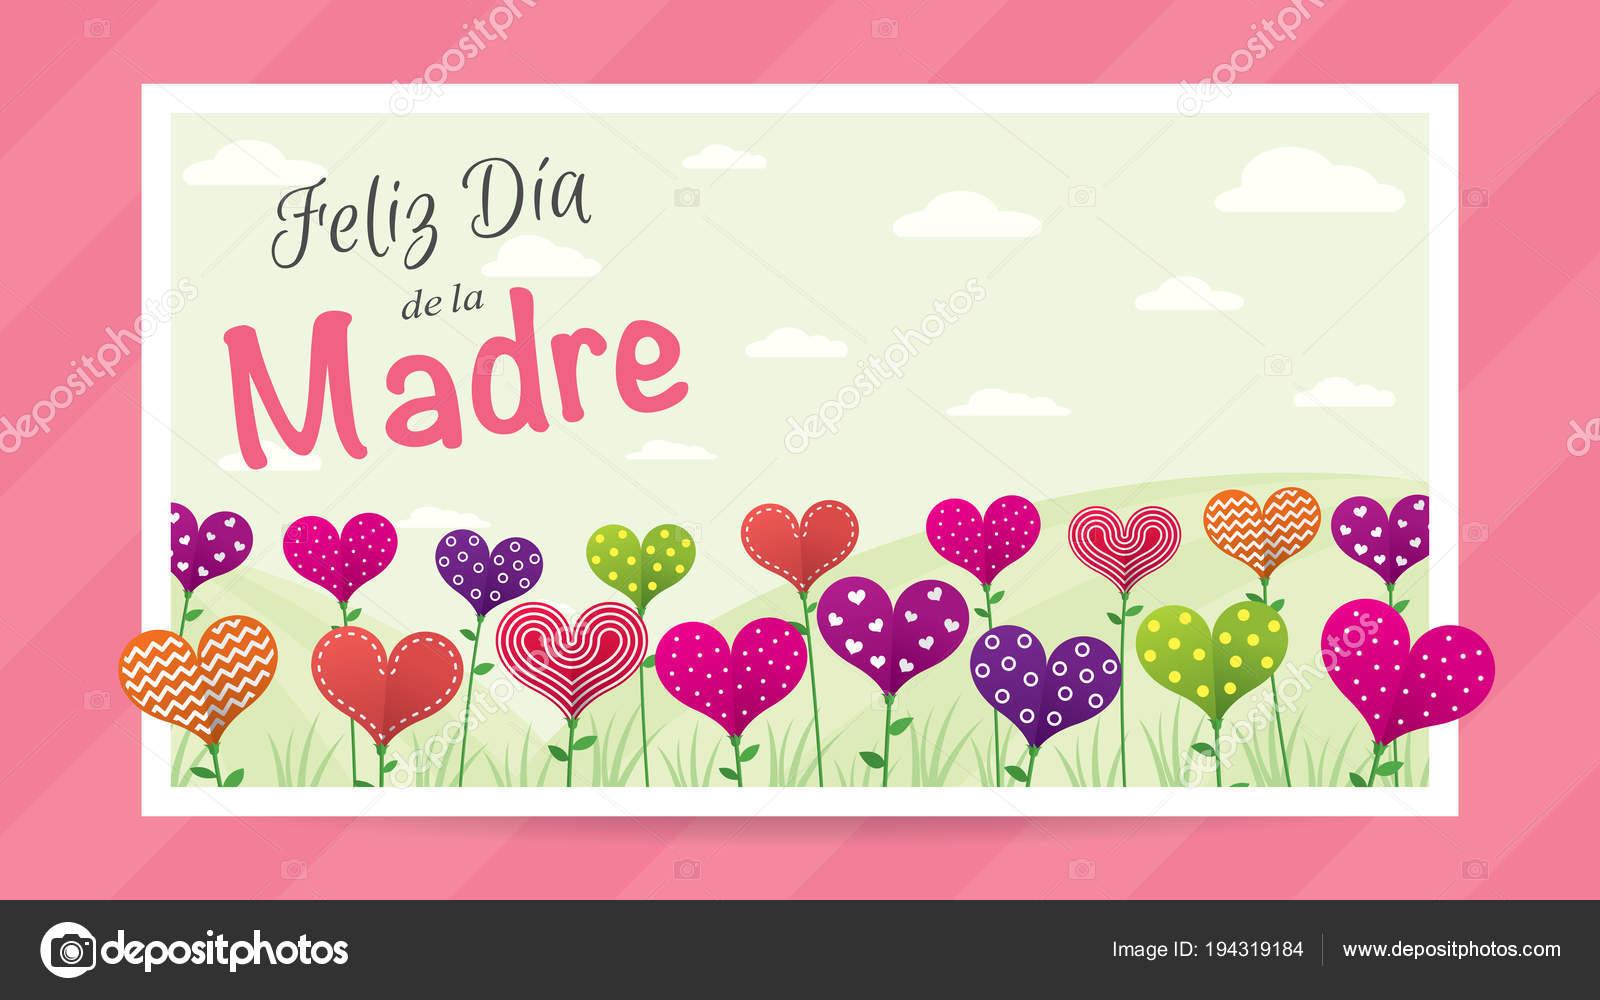 Fotos De Feliz Día De Las Madres Feliz Dia Madre Feliz Día Madre